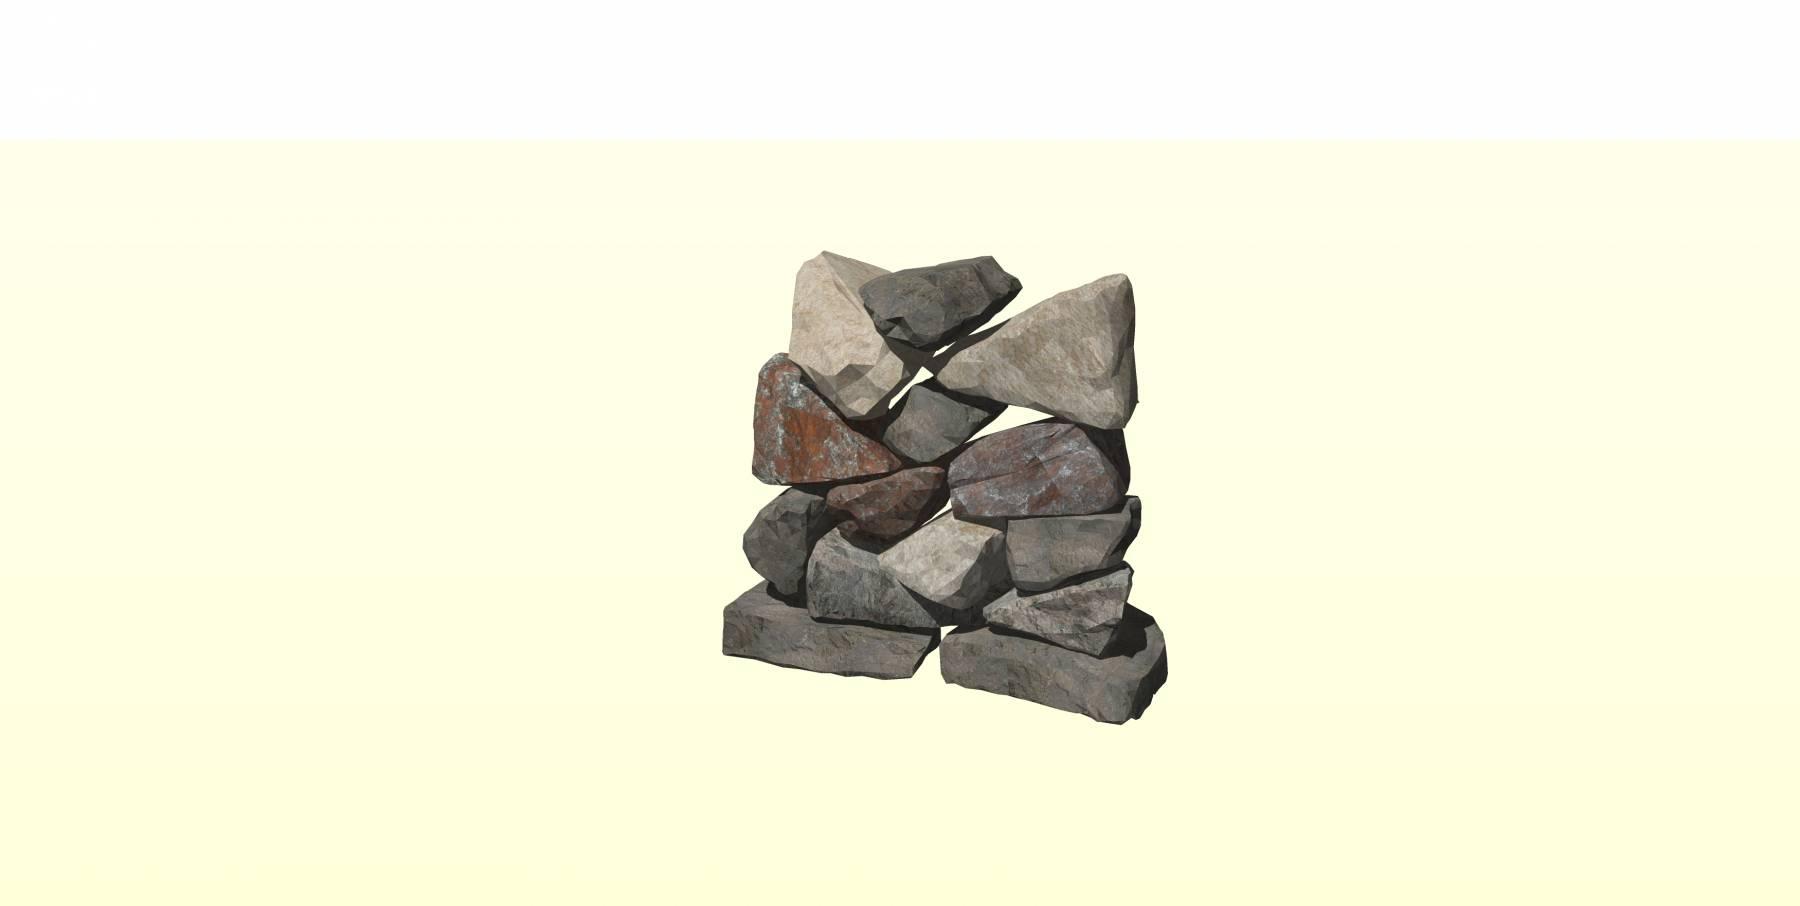 石头模型b